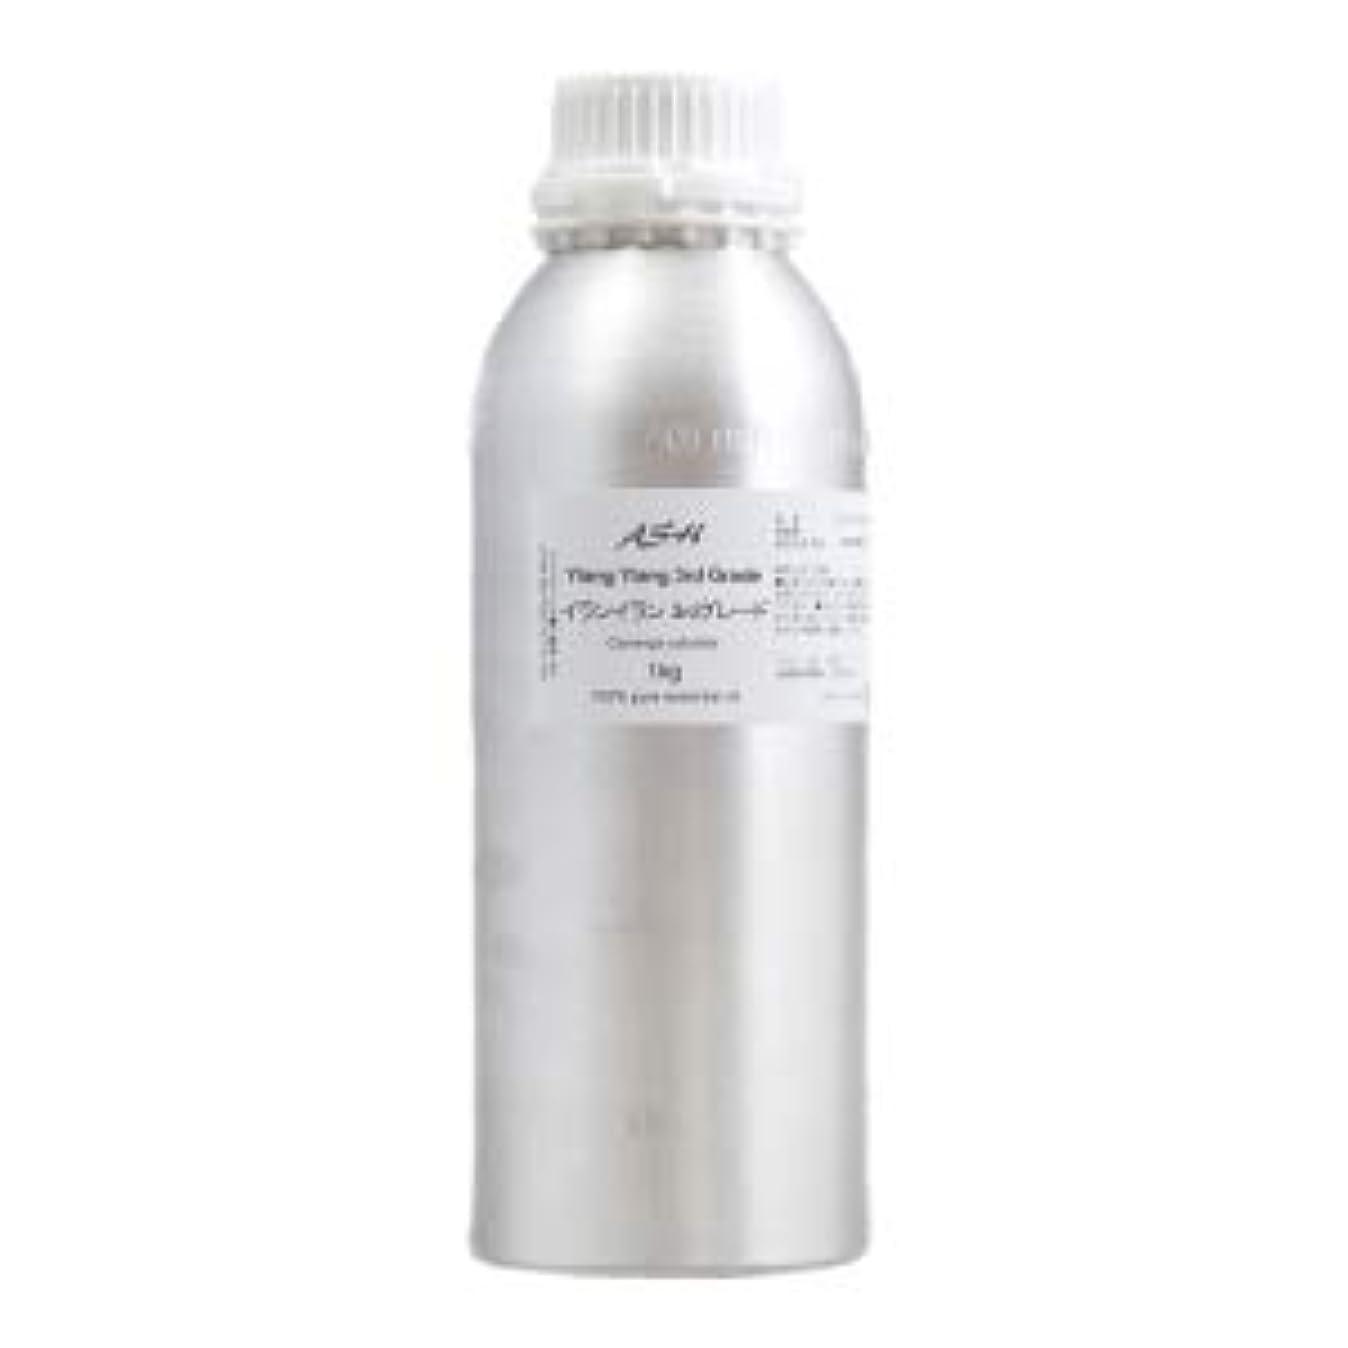 運河虐殺へこみASH イランイラン 3rdグレード エッセンシャルオイル 業務用1kg AEAJ表示基準適合認定精油